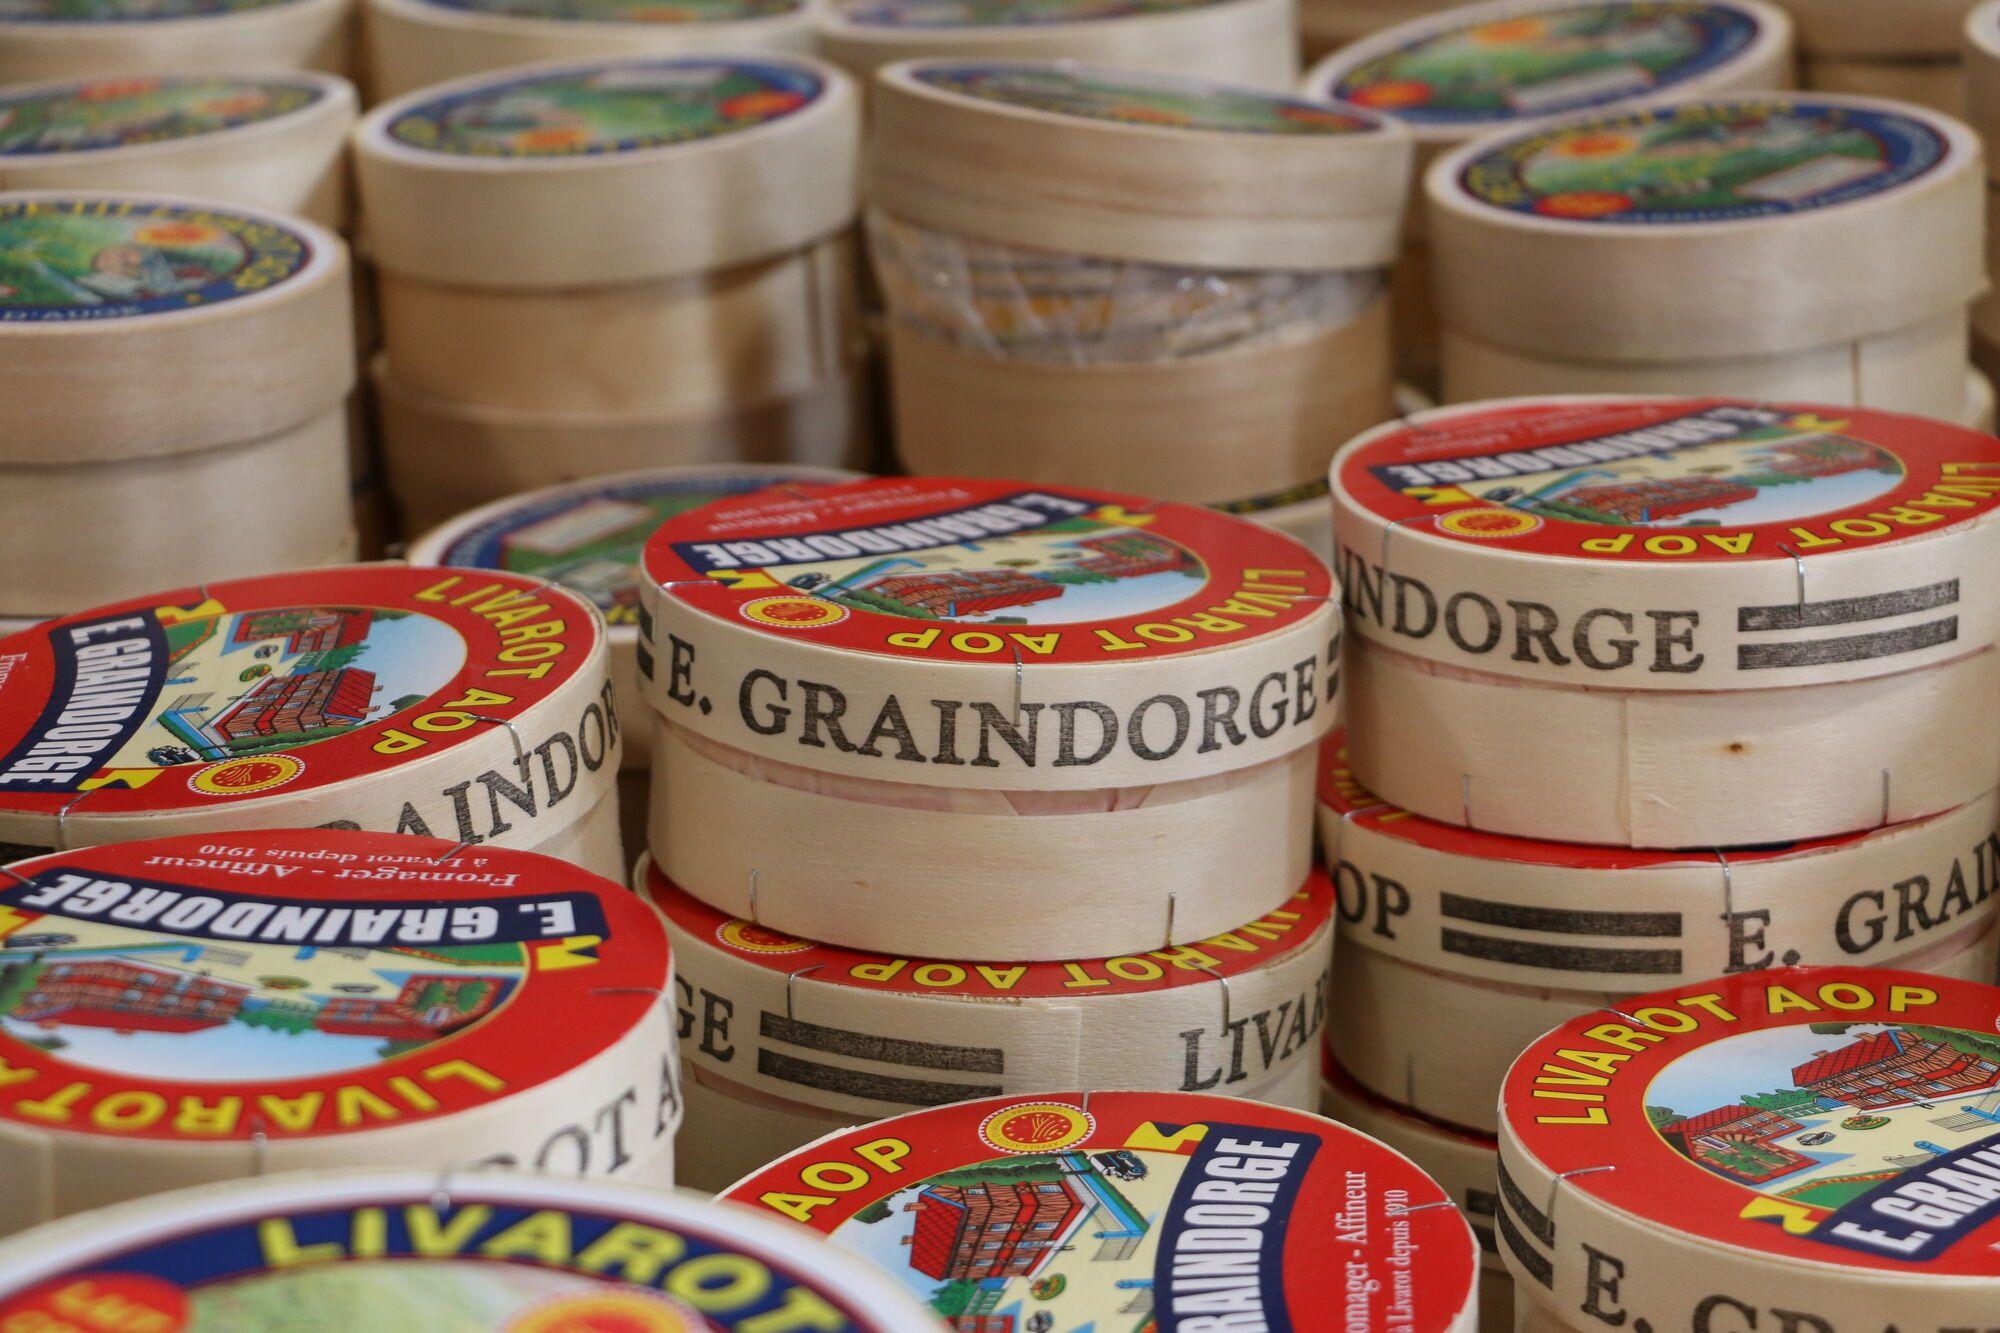 גלילי הליבארו ארוזים כל אחד בקופסת עץ עדינה